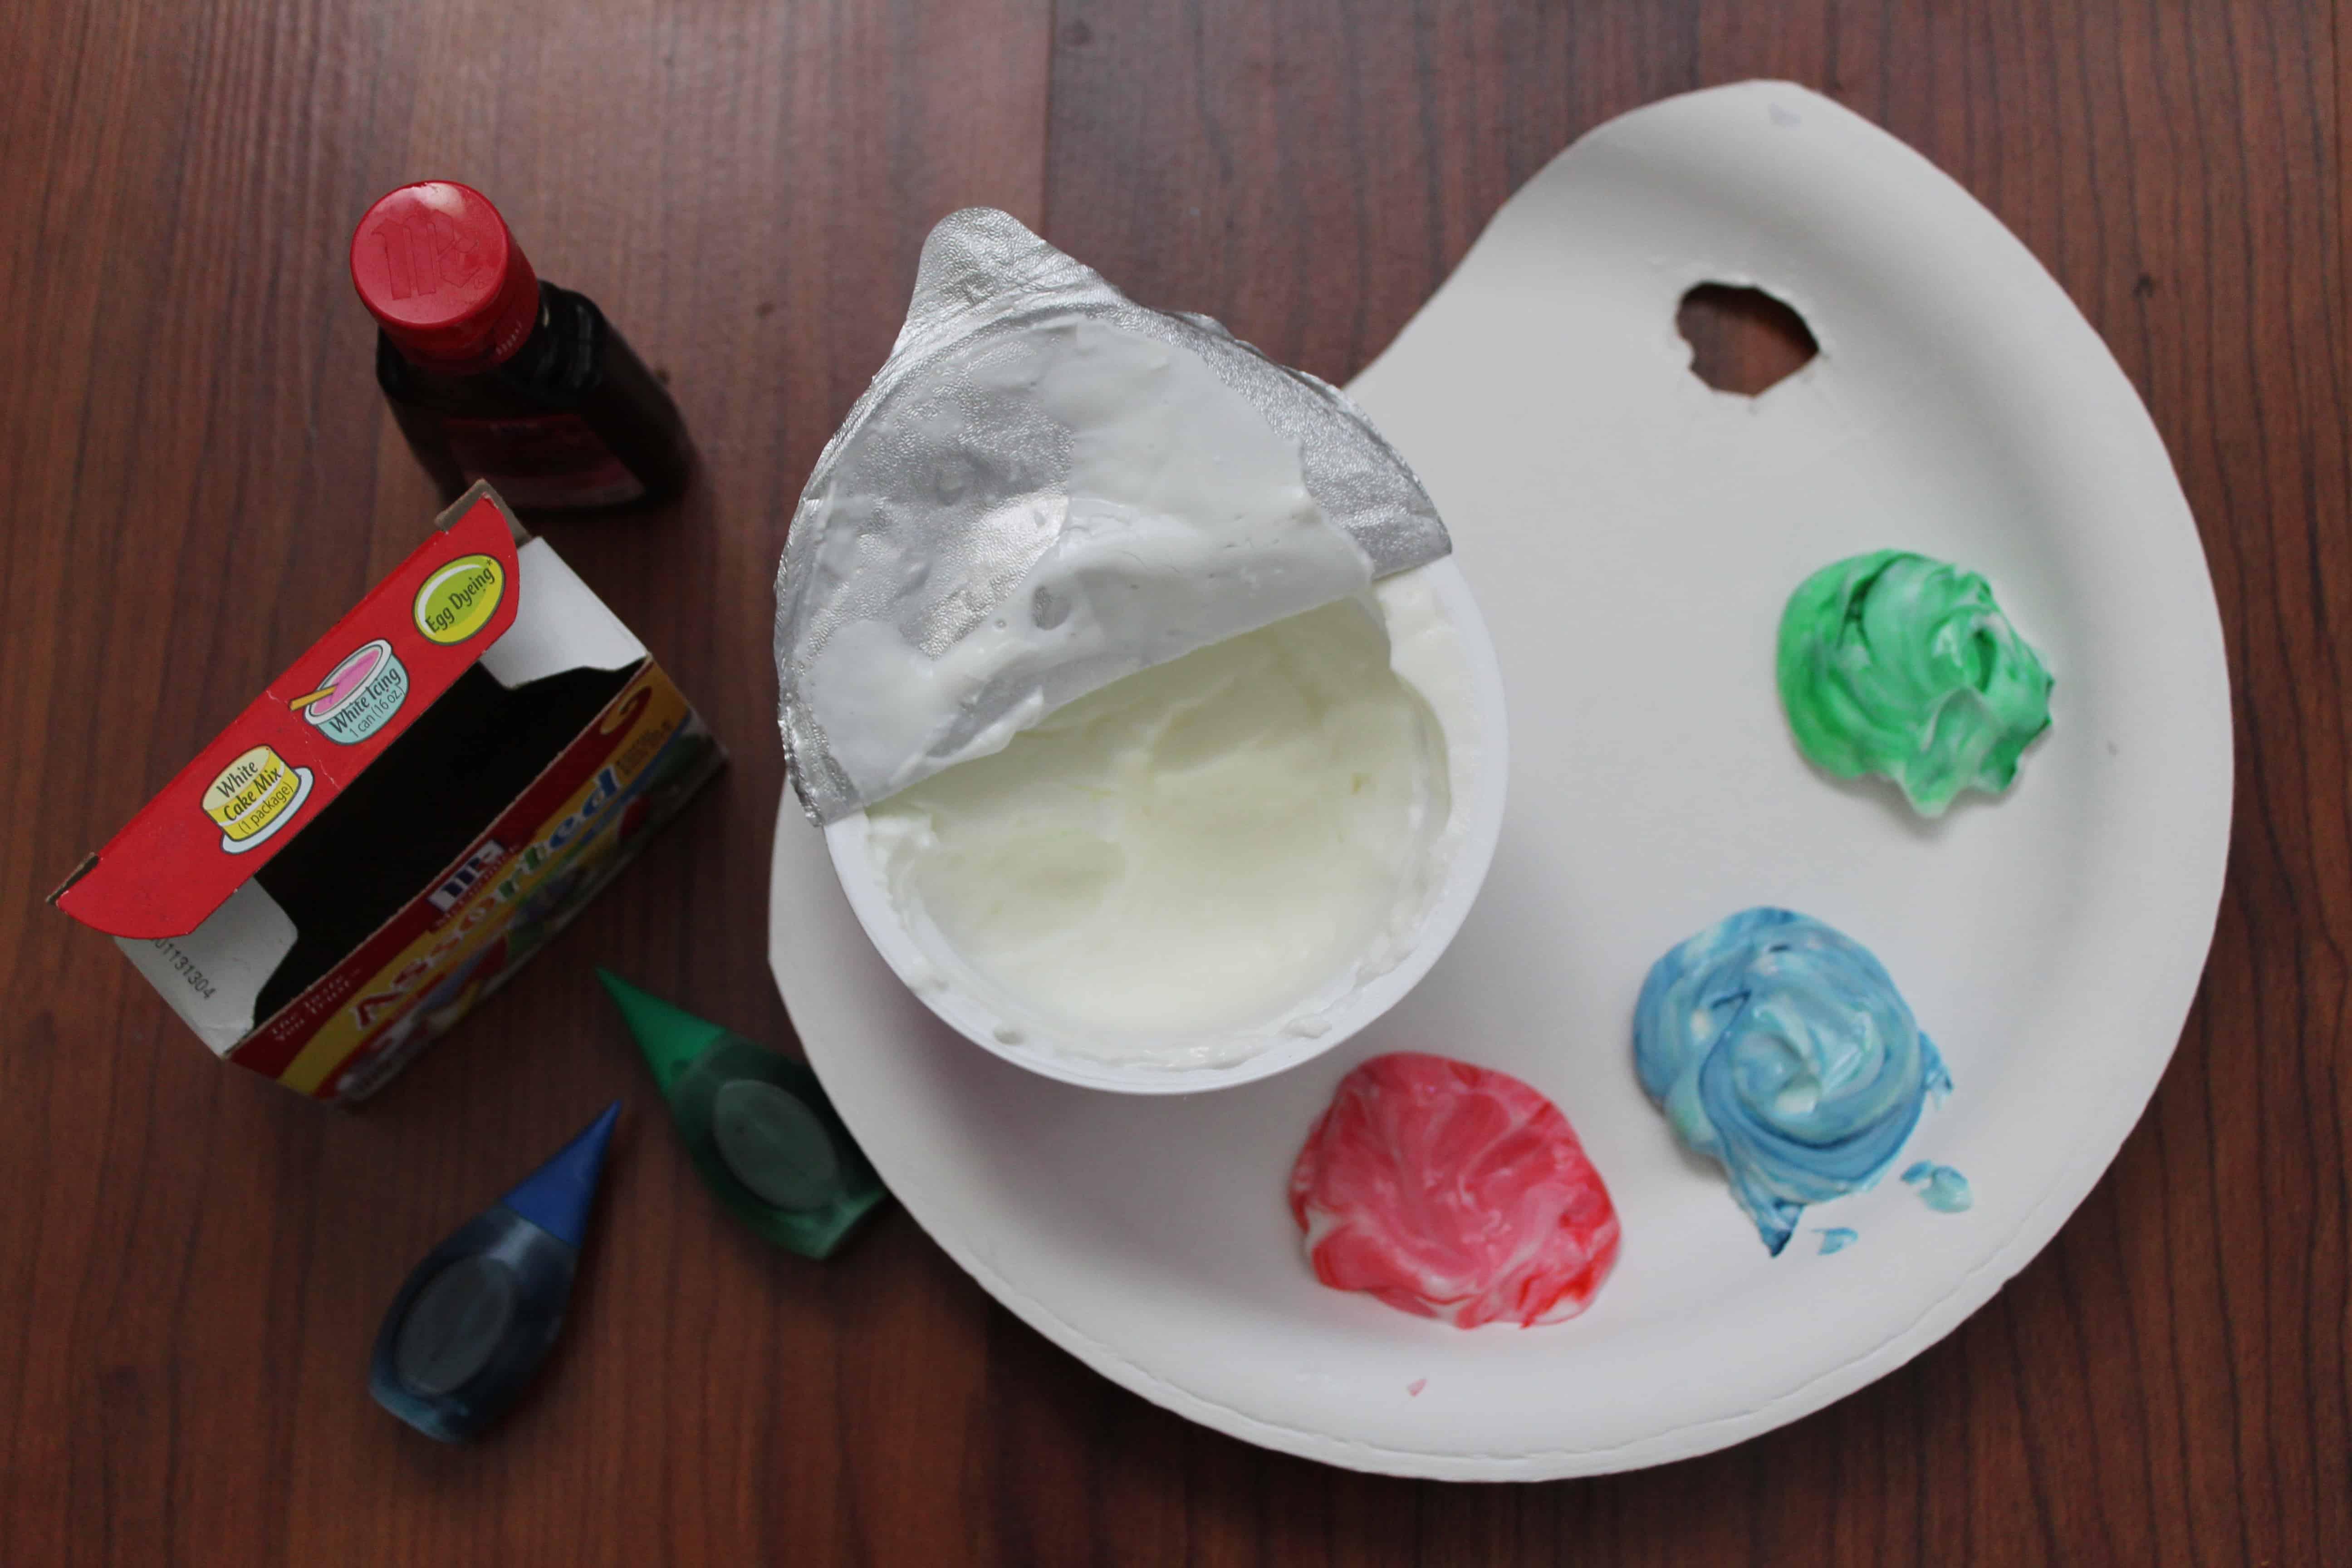 edible yogurt paint using food coloring